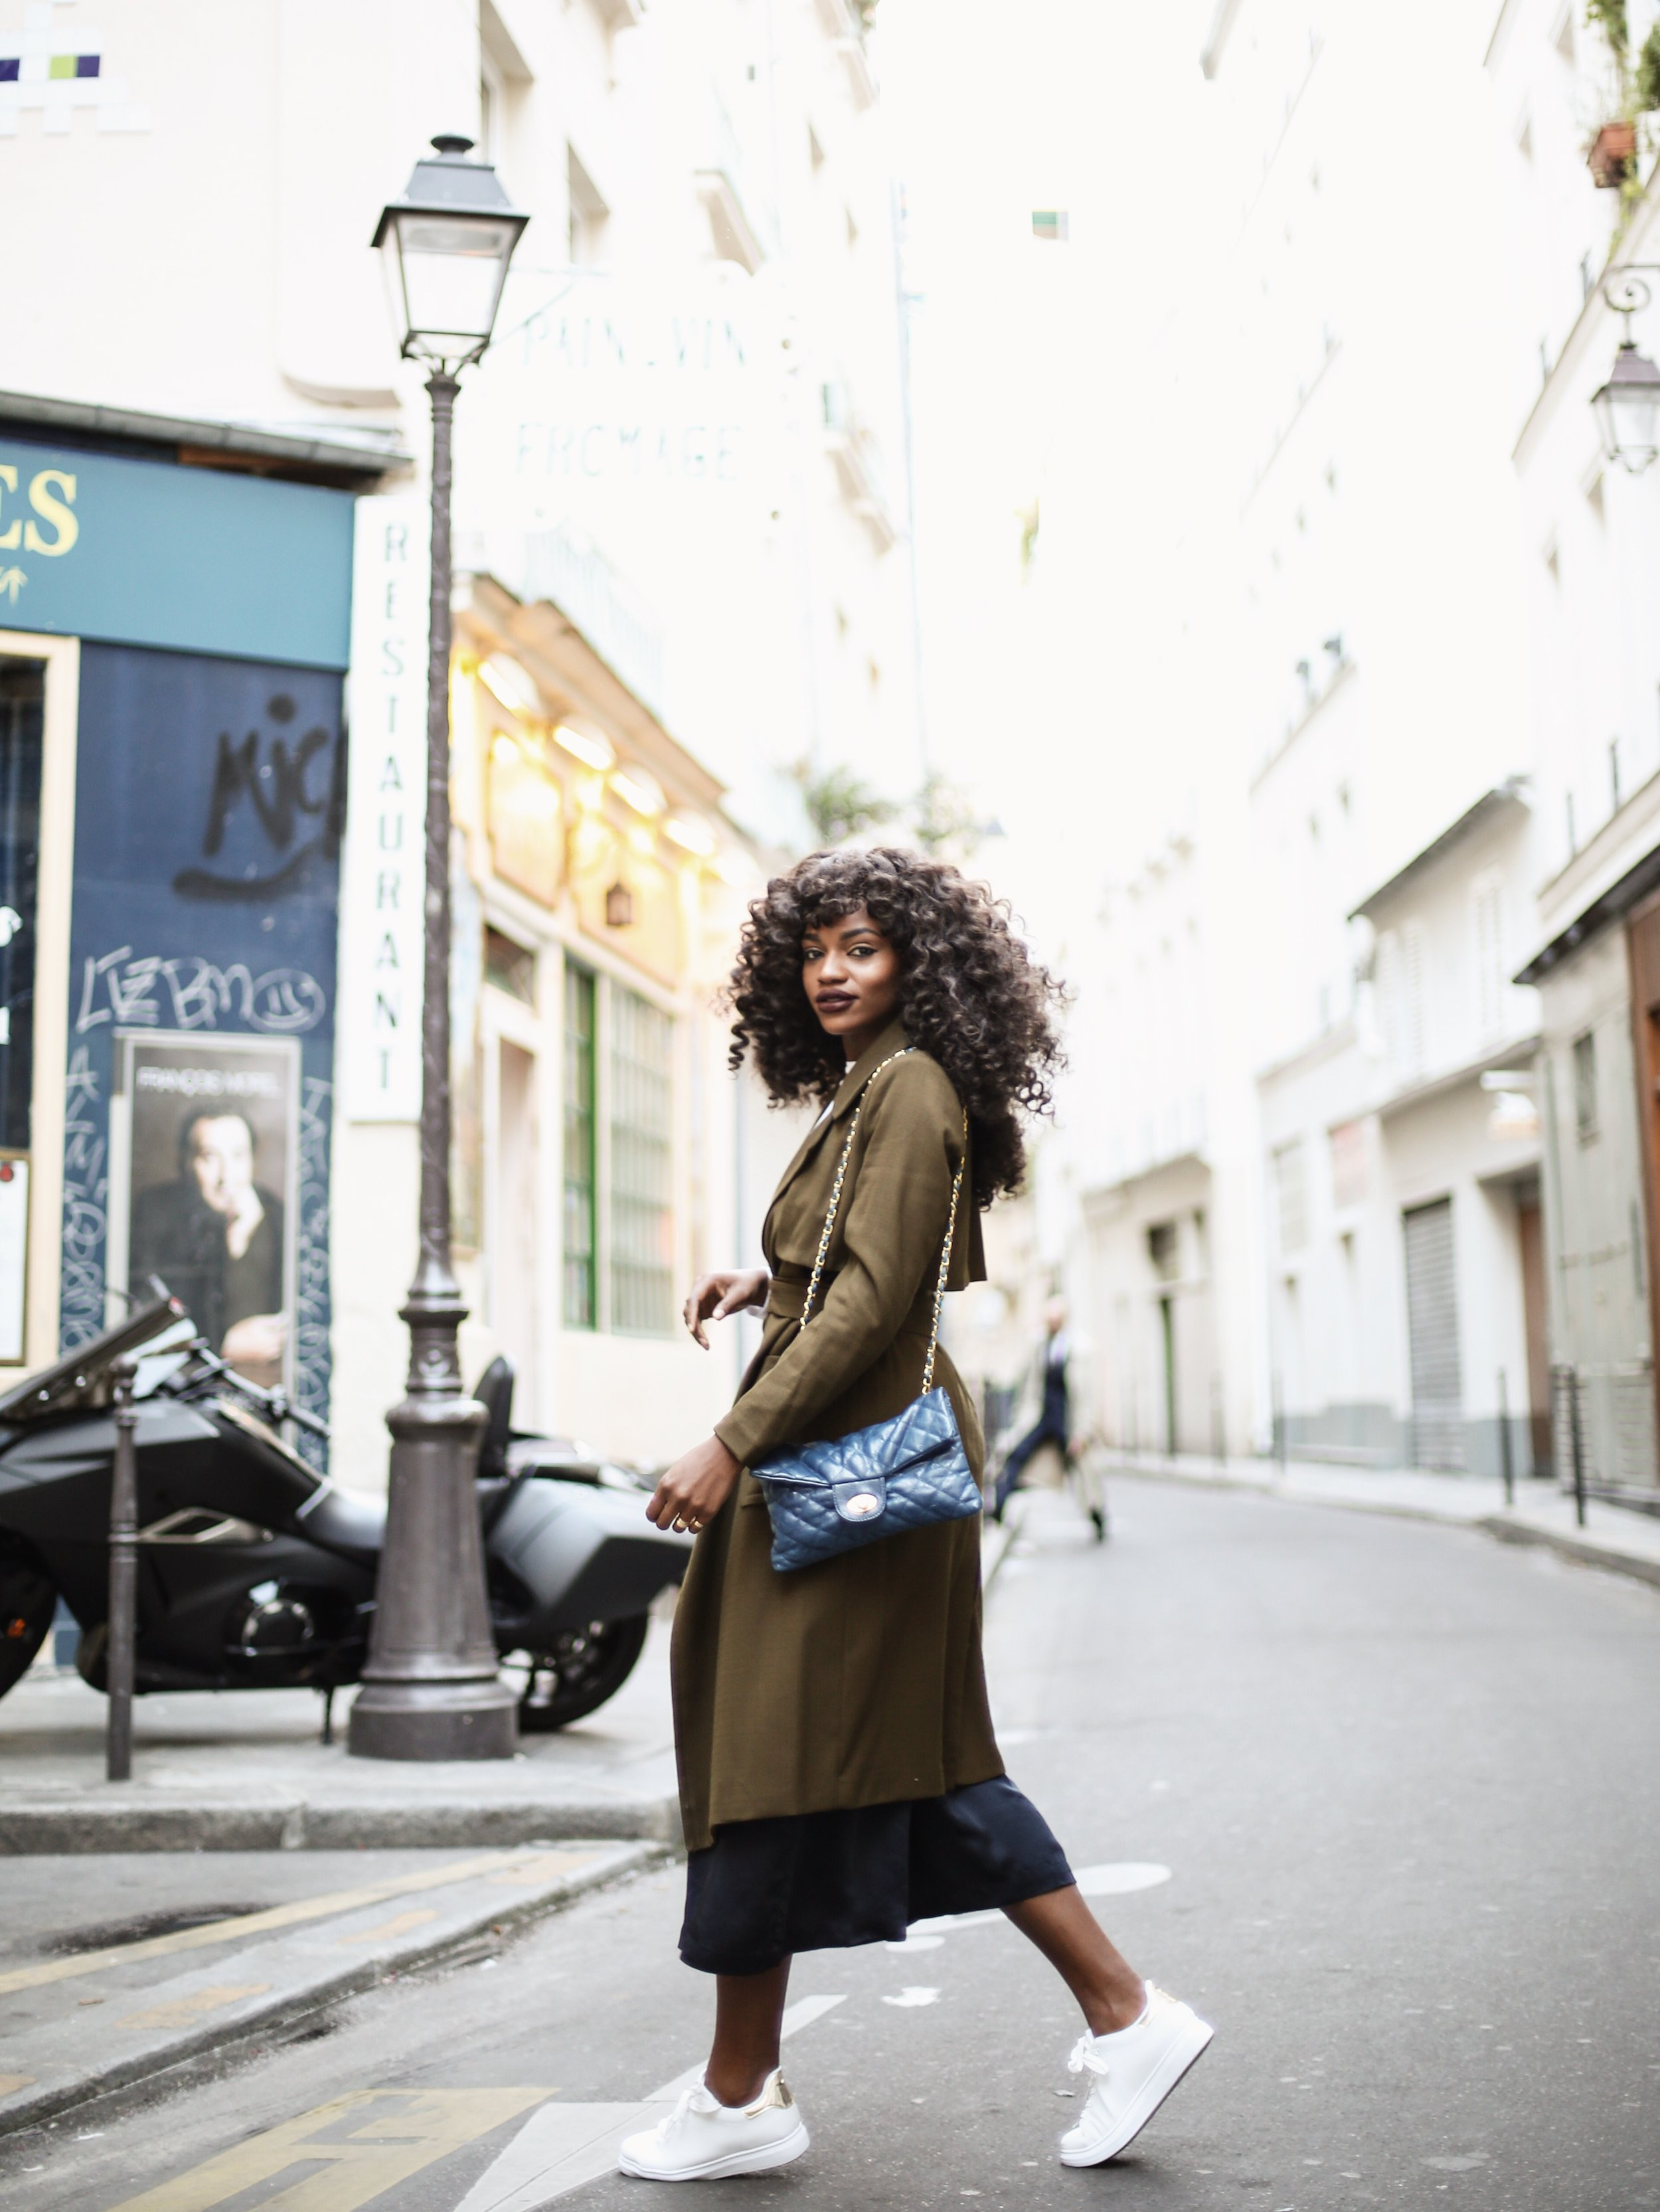 H&M Olive Green Trench - Fashion Week | Asiyami Gold